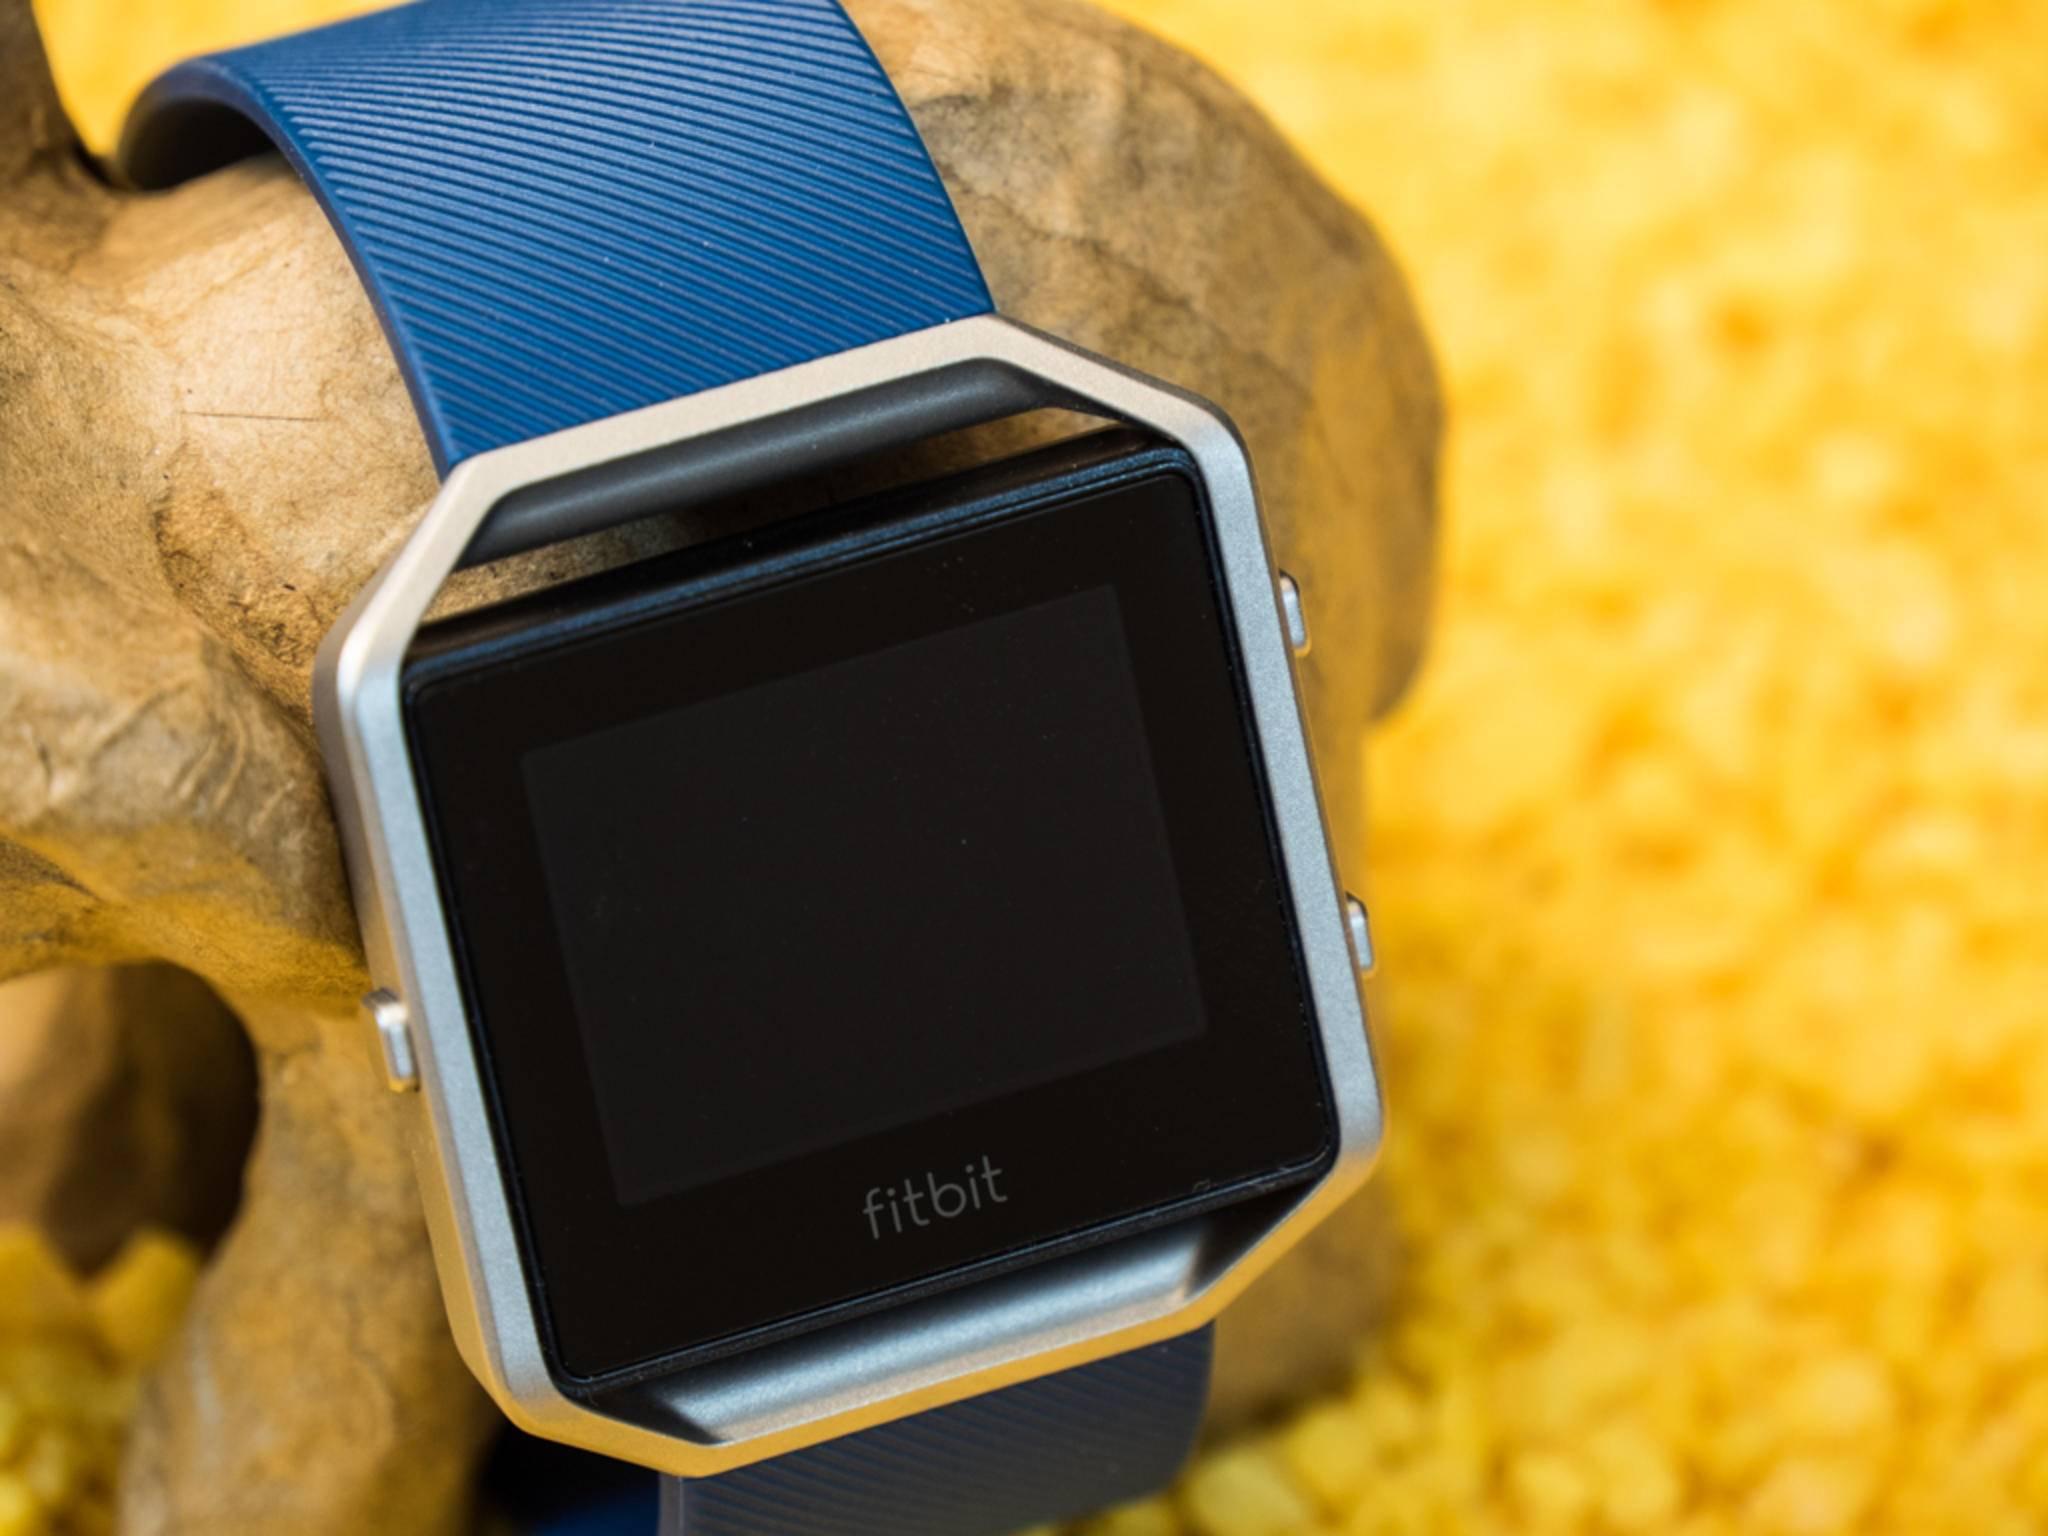 Eine Smartwatch von Fitbit könnte ähnlich aussehen wie der Fitness-Tracker Fitbit Blaze.